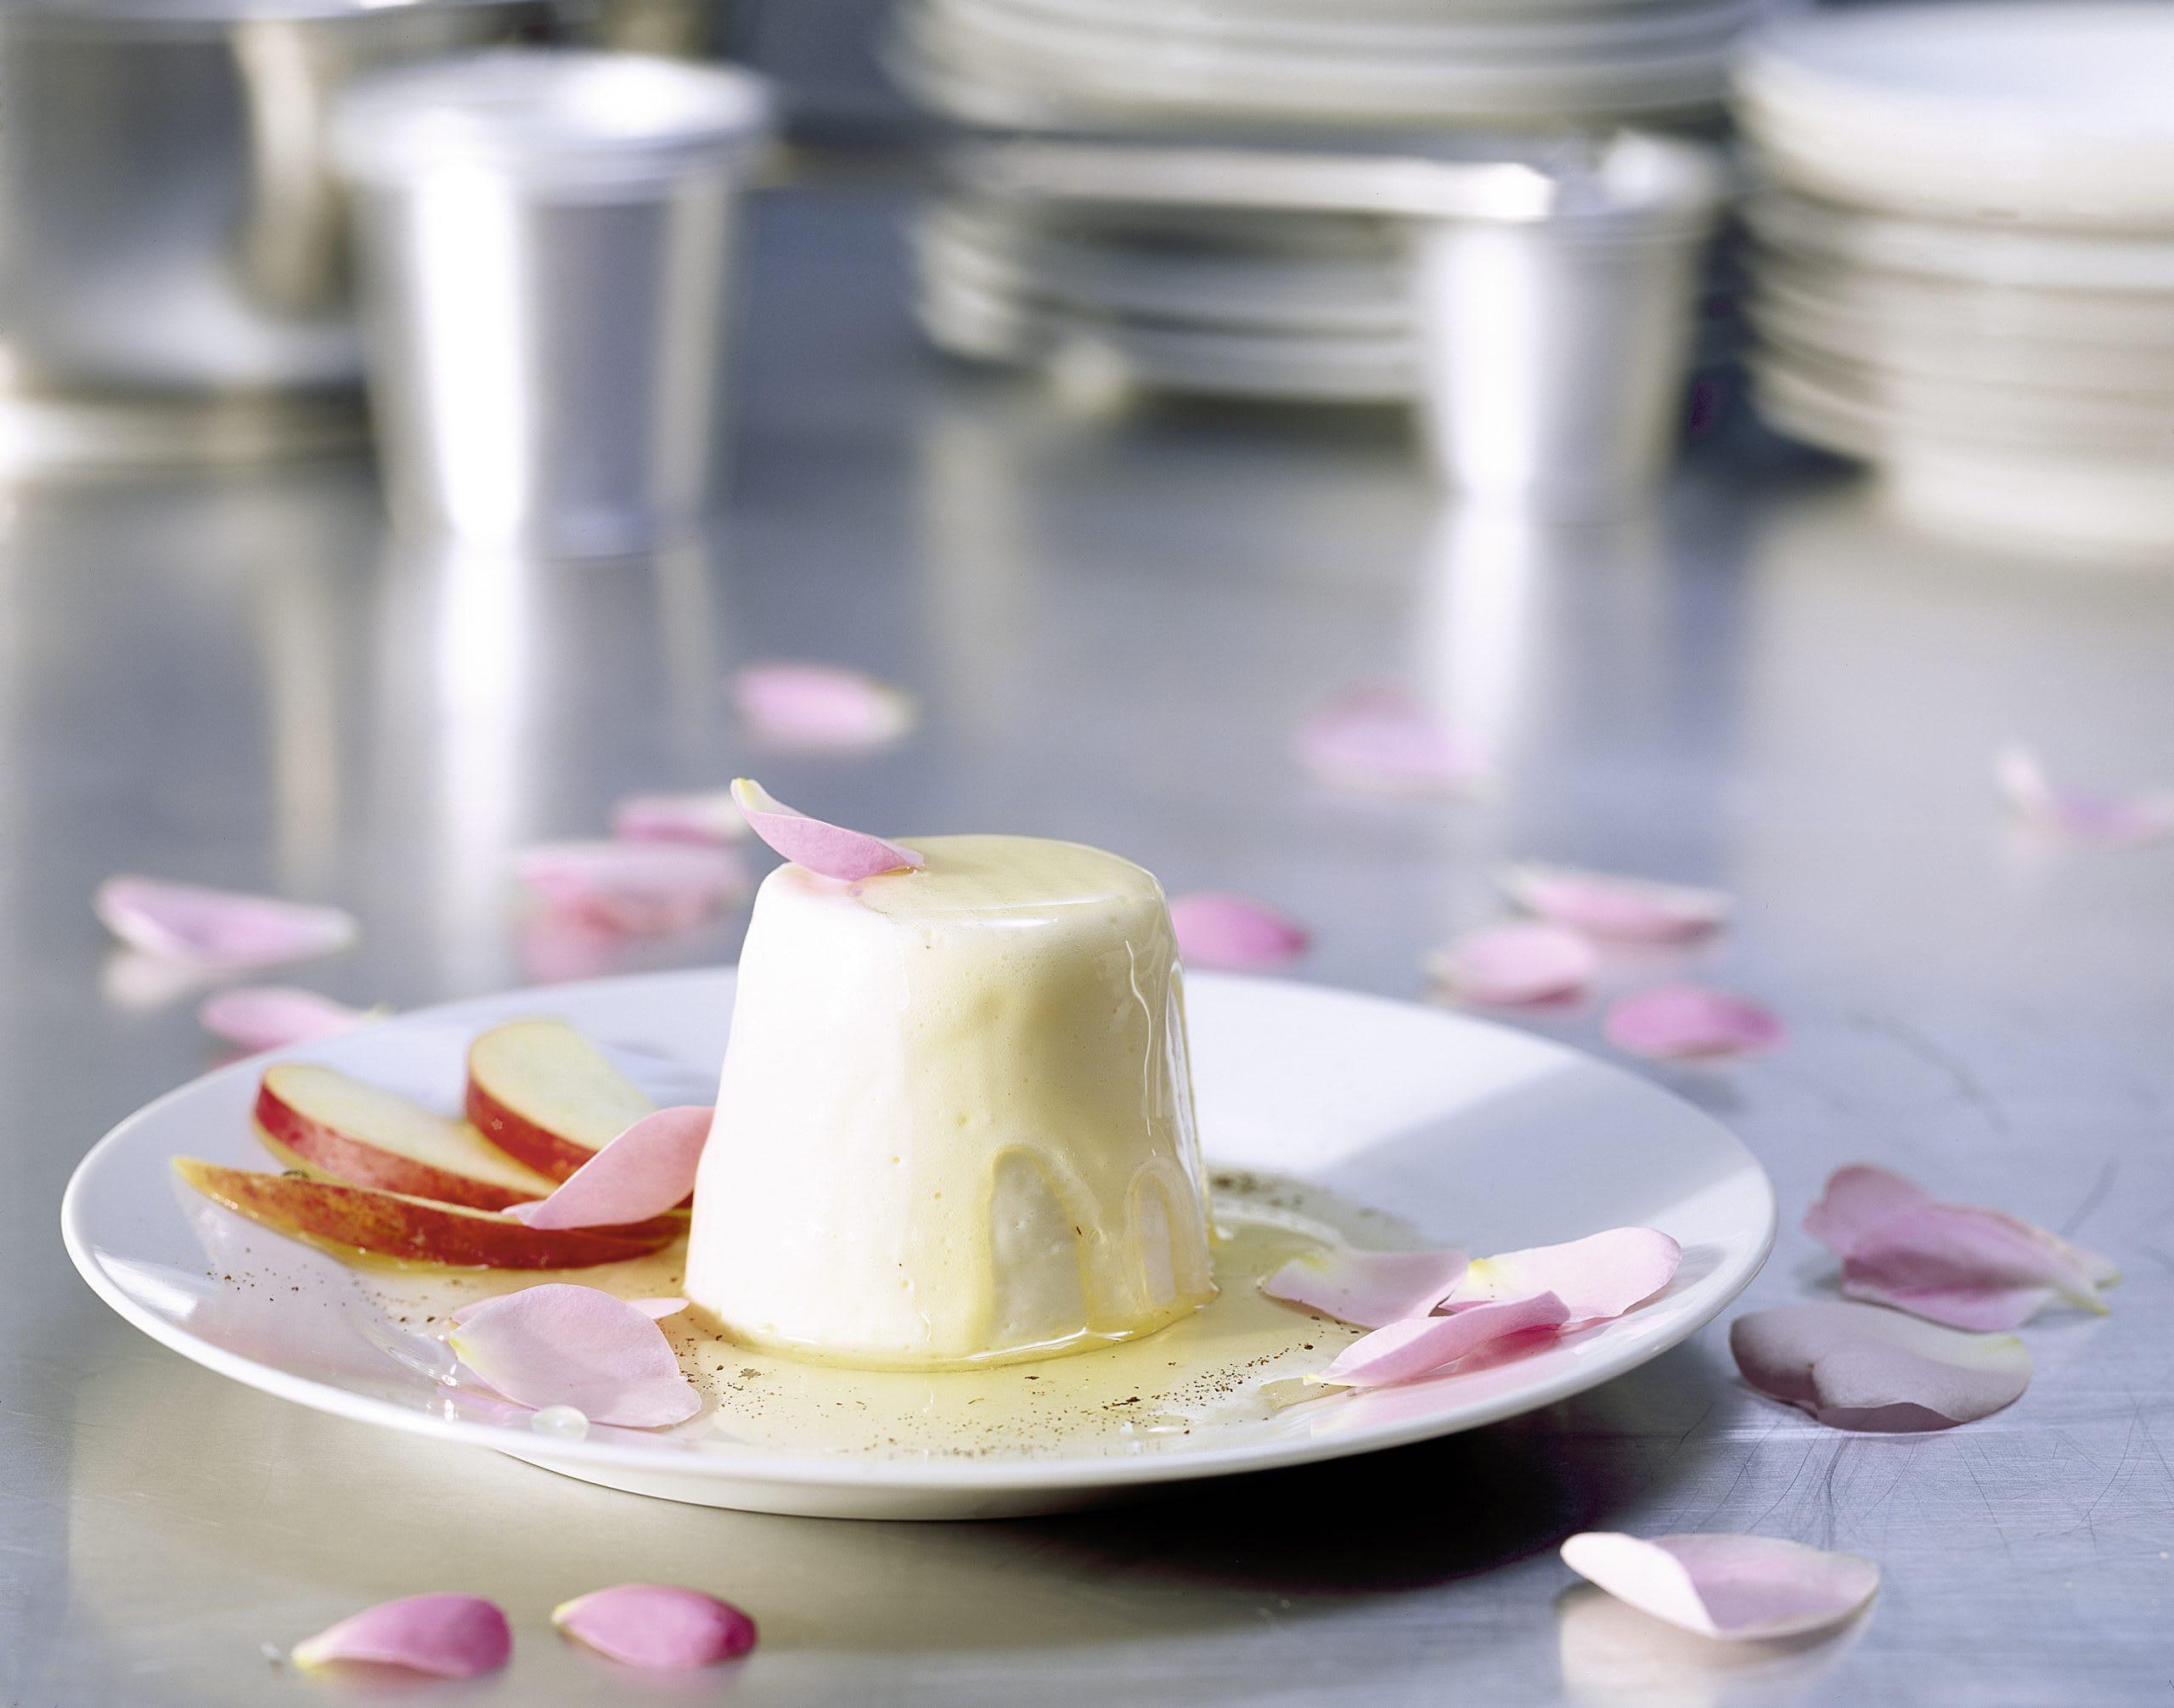 Blanc-manger au sirop de pomme et de rose